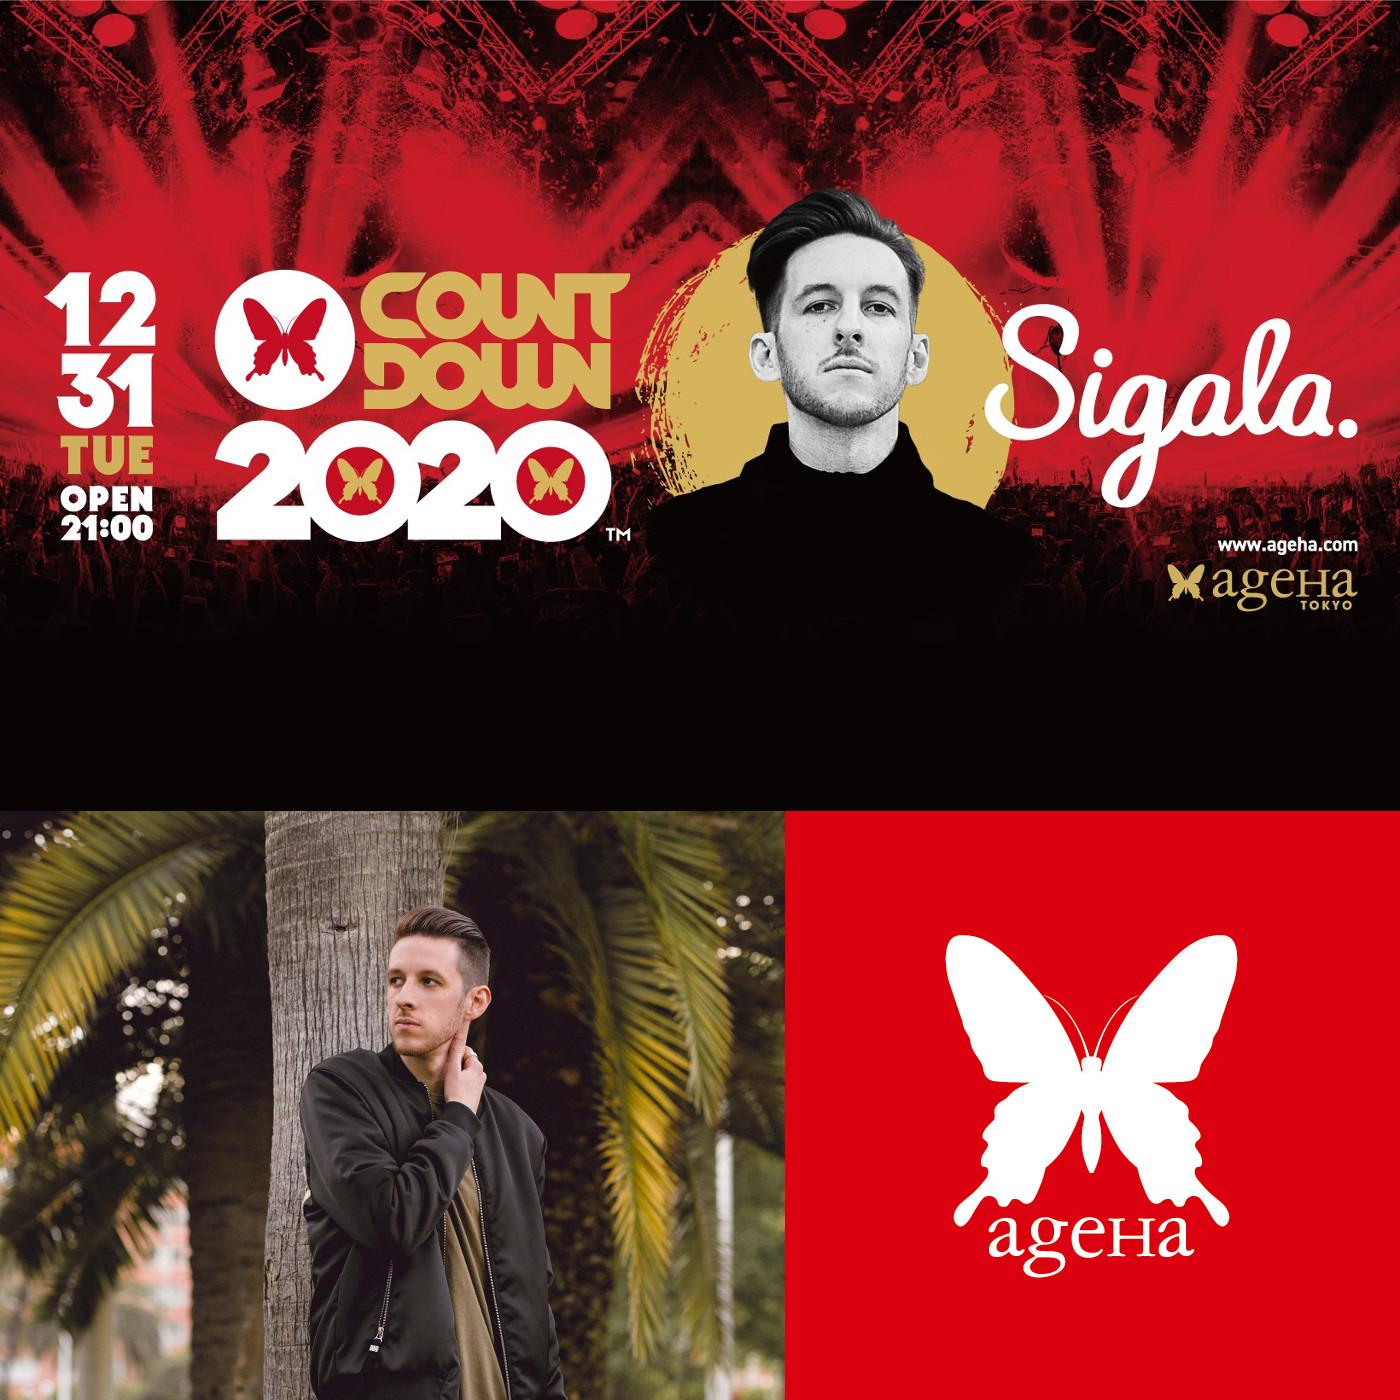 日本最大級ageHaカウントダウンパーティーに全英チャート1位連発のSigala(シガーラ)出演が決定!!~2020 年の幕開けは ageHa がド派手に #Sigala お届け~